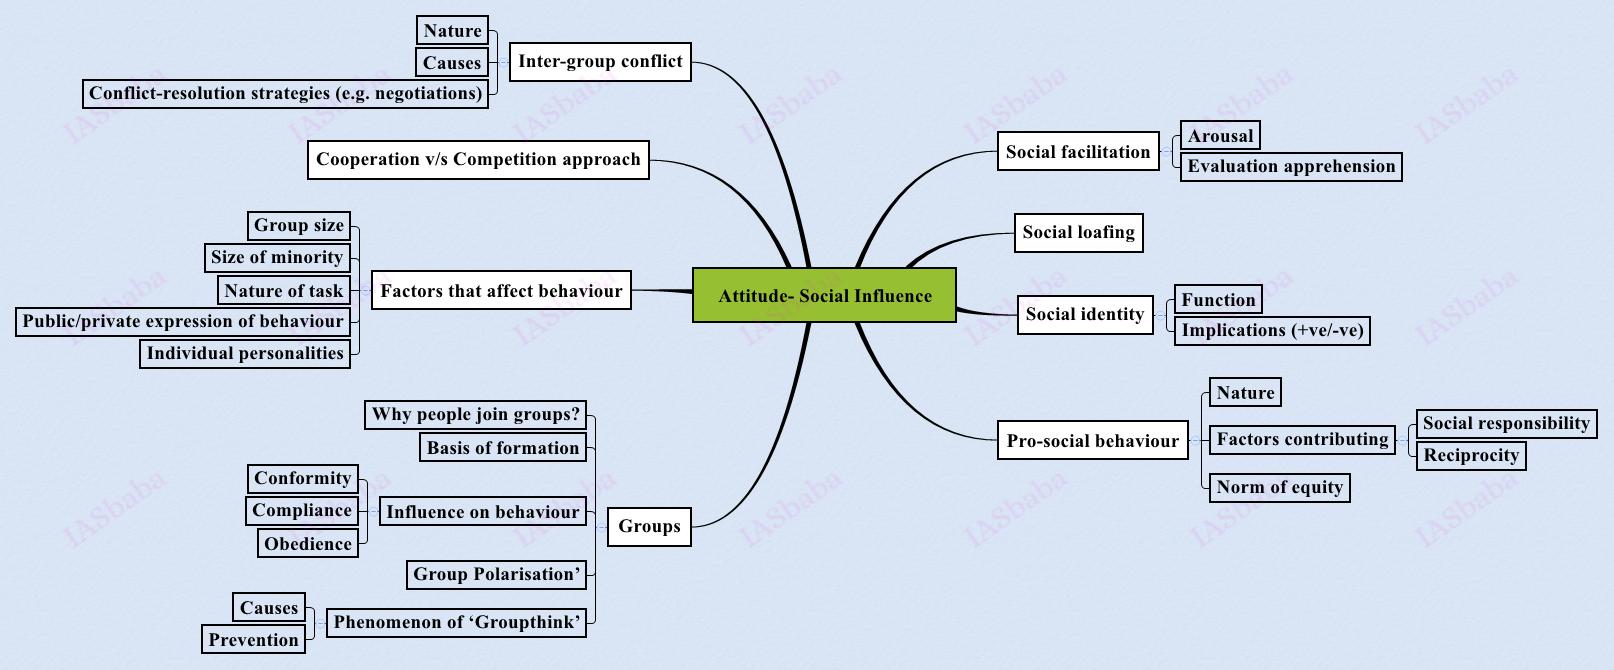 Attitude- Social Influence